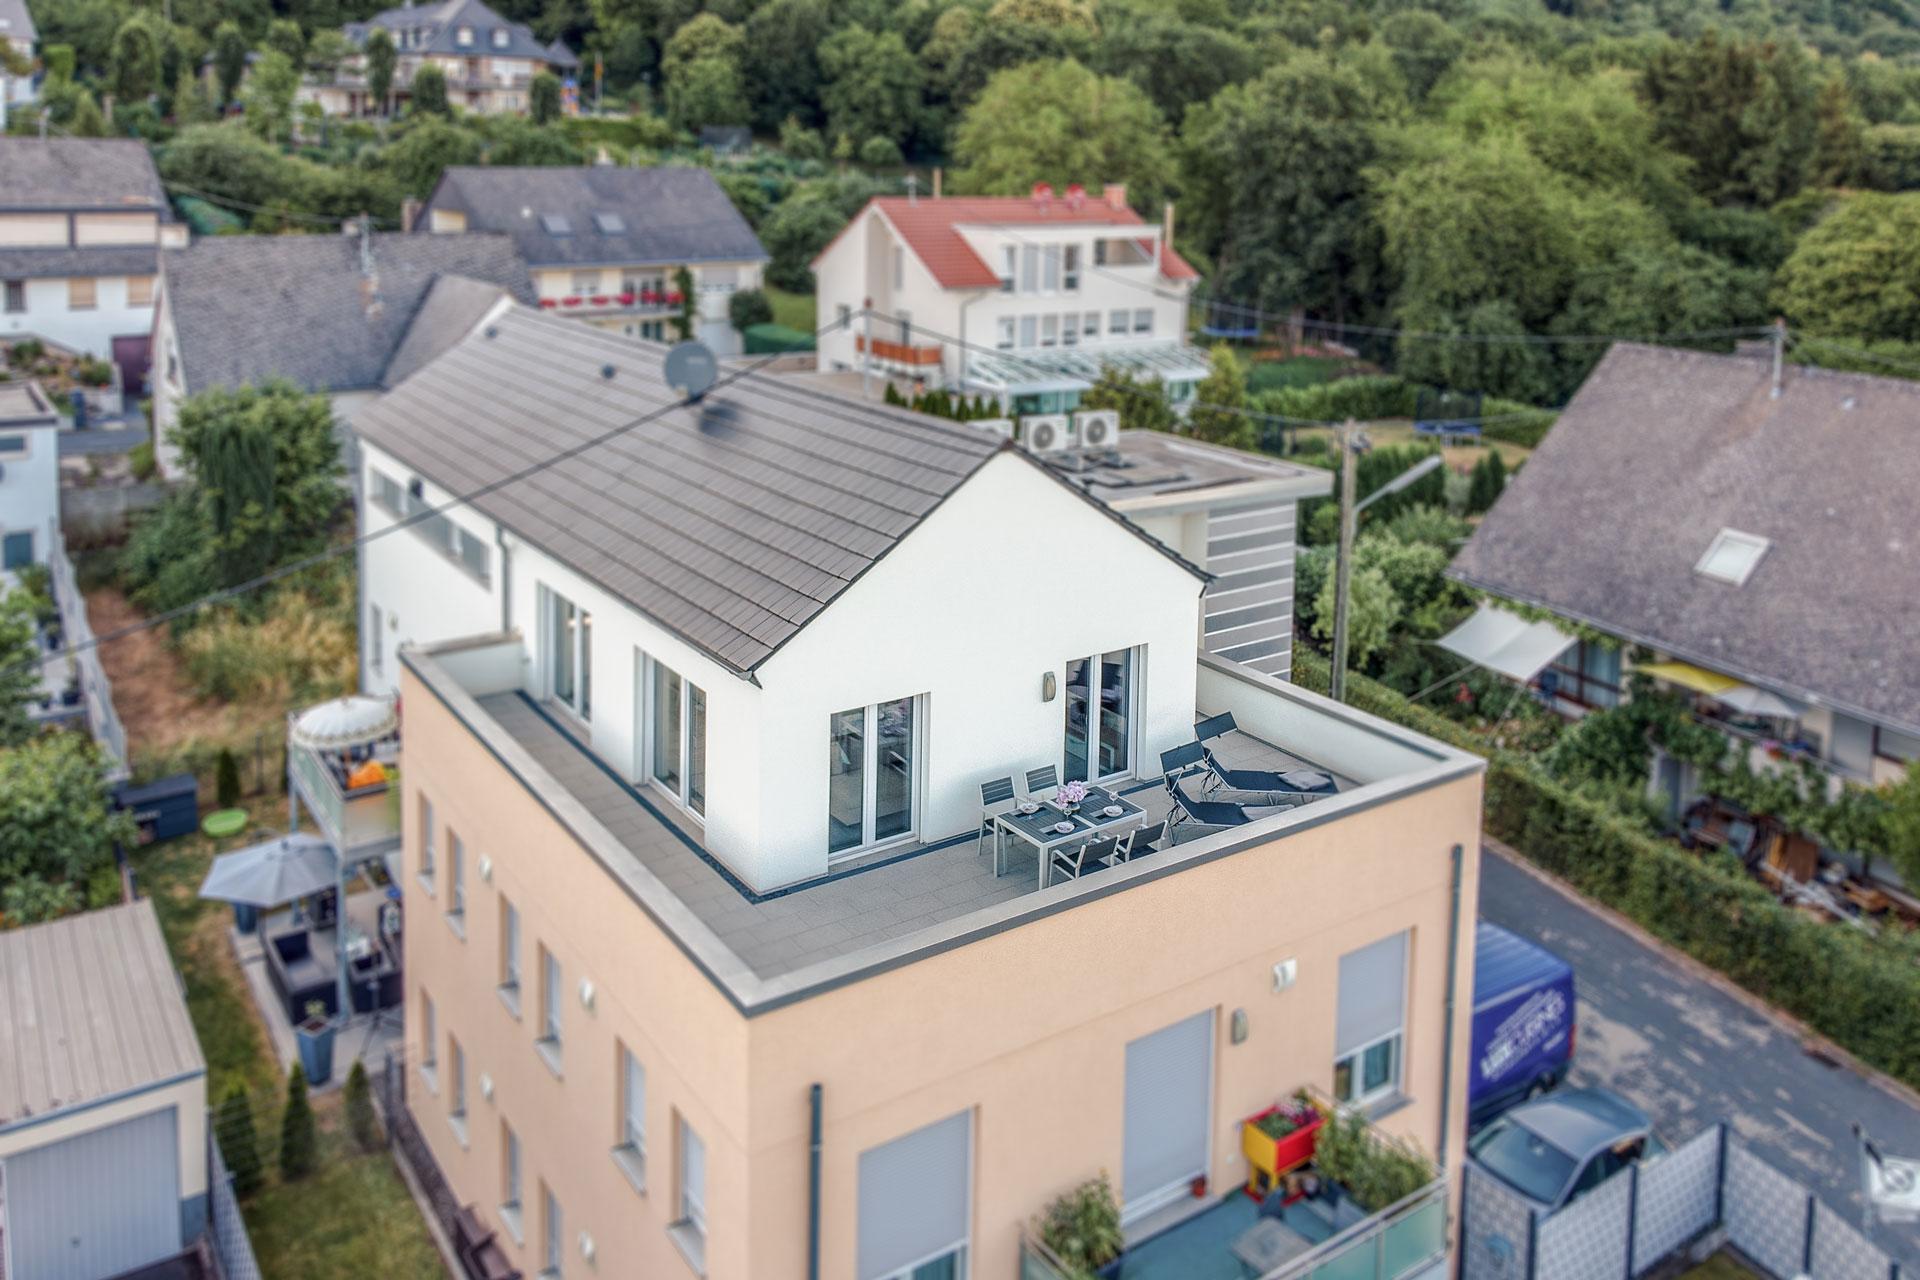 PlusFewo-Penthouse-Trier-Ferienwohnung-Luftaufnahme1